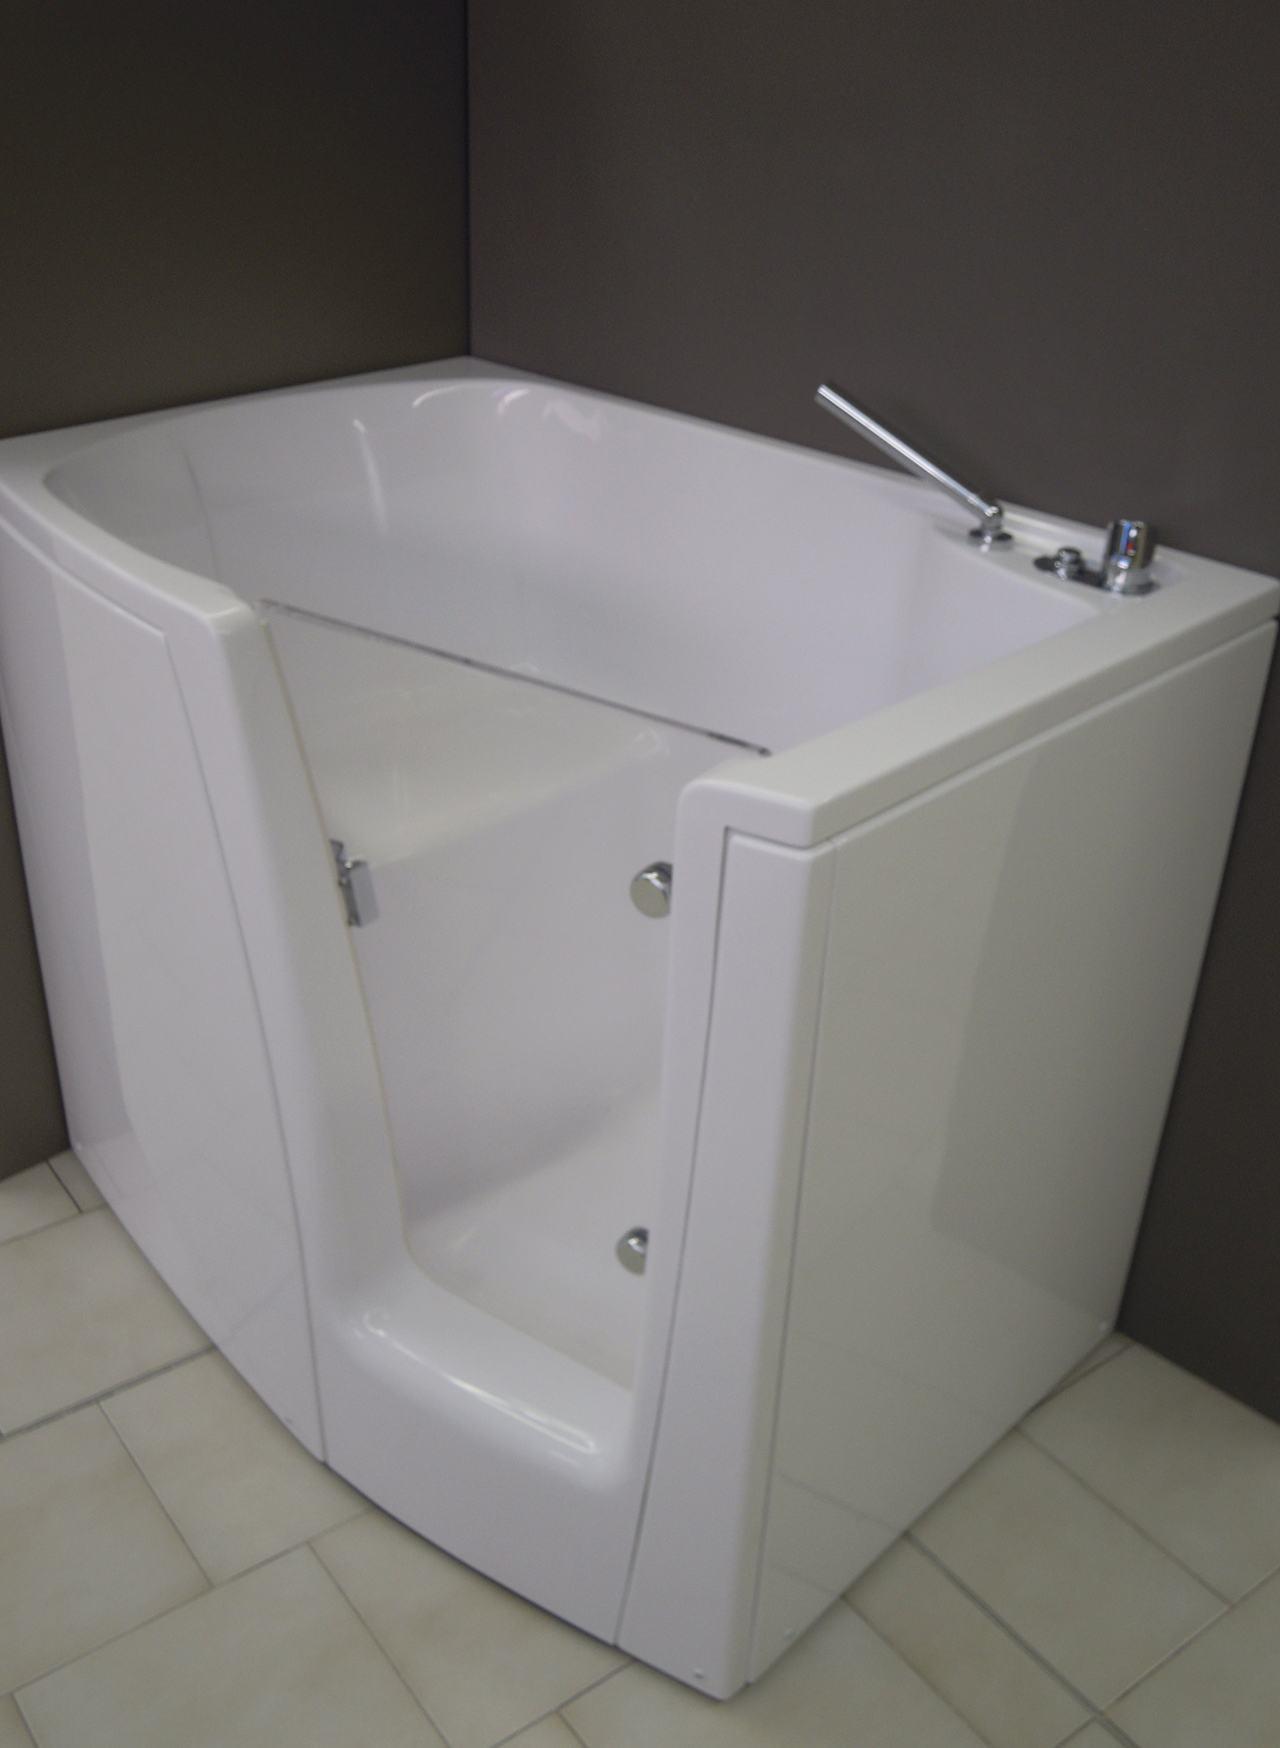 Vasca con sportello vera - Vasca bagno assistito ...